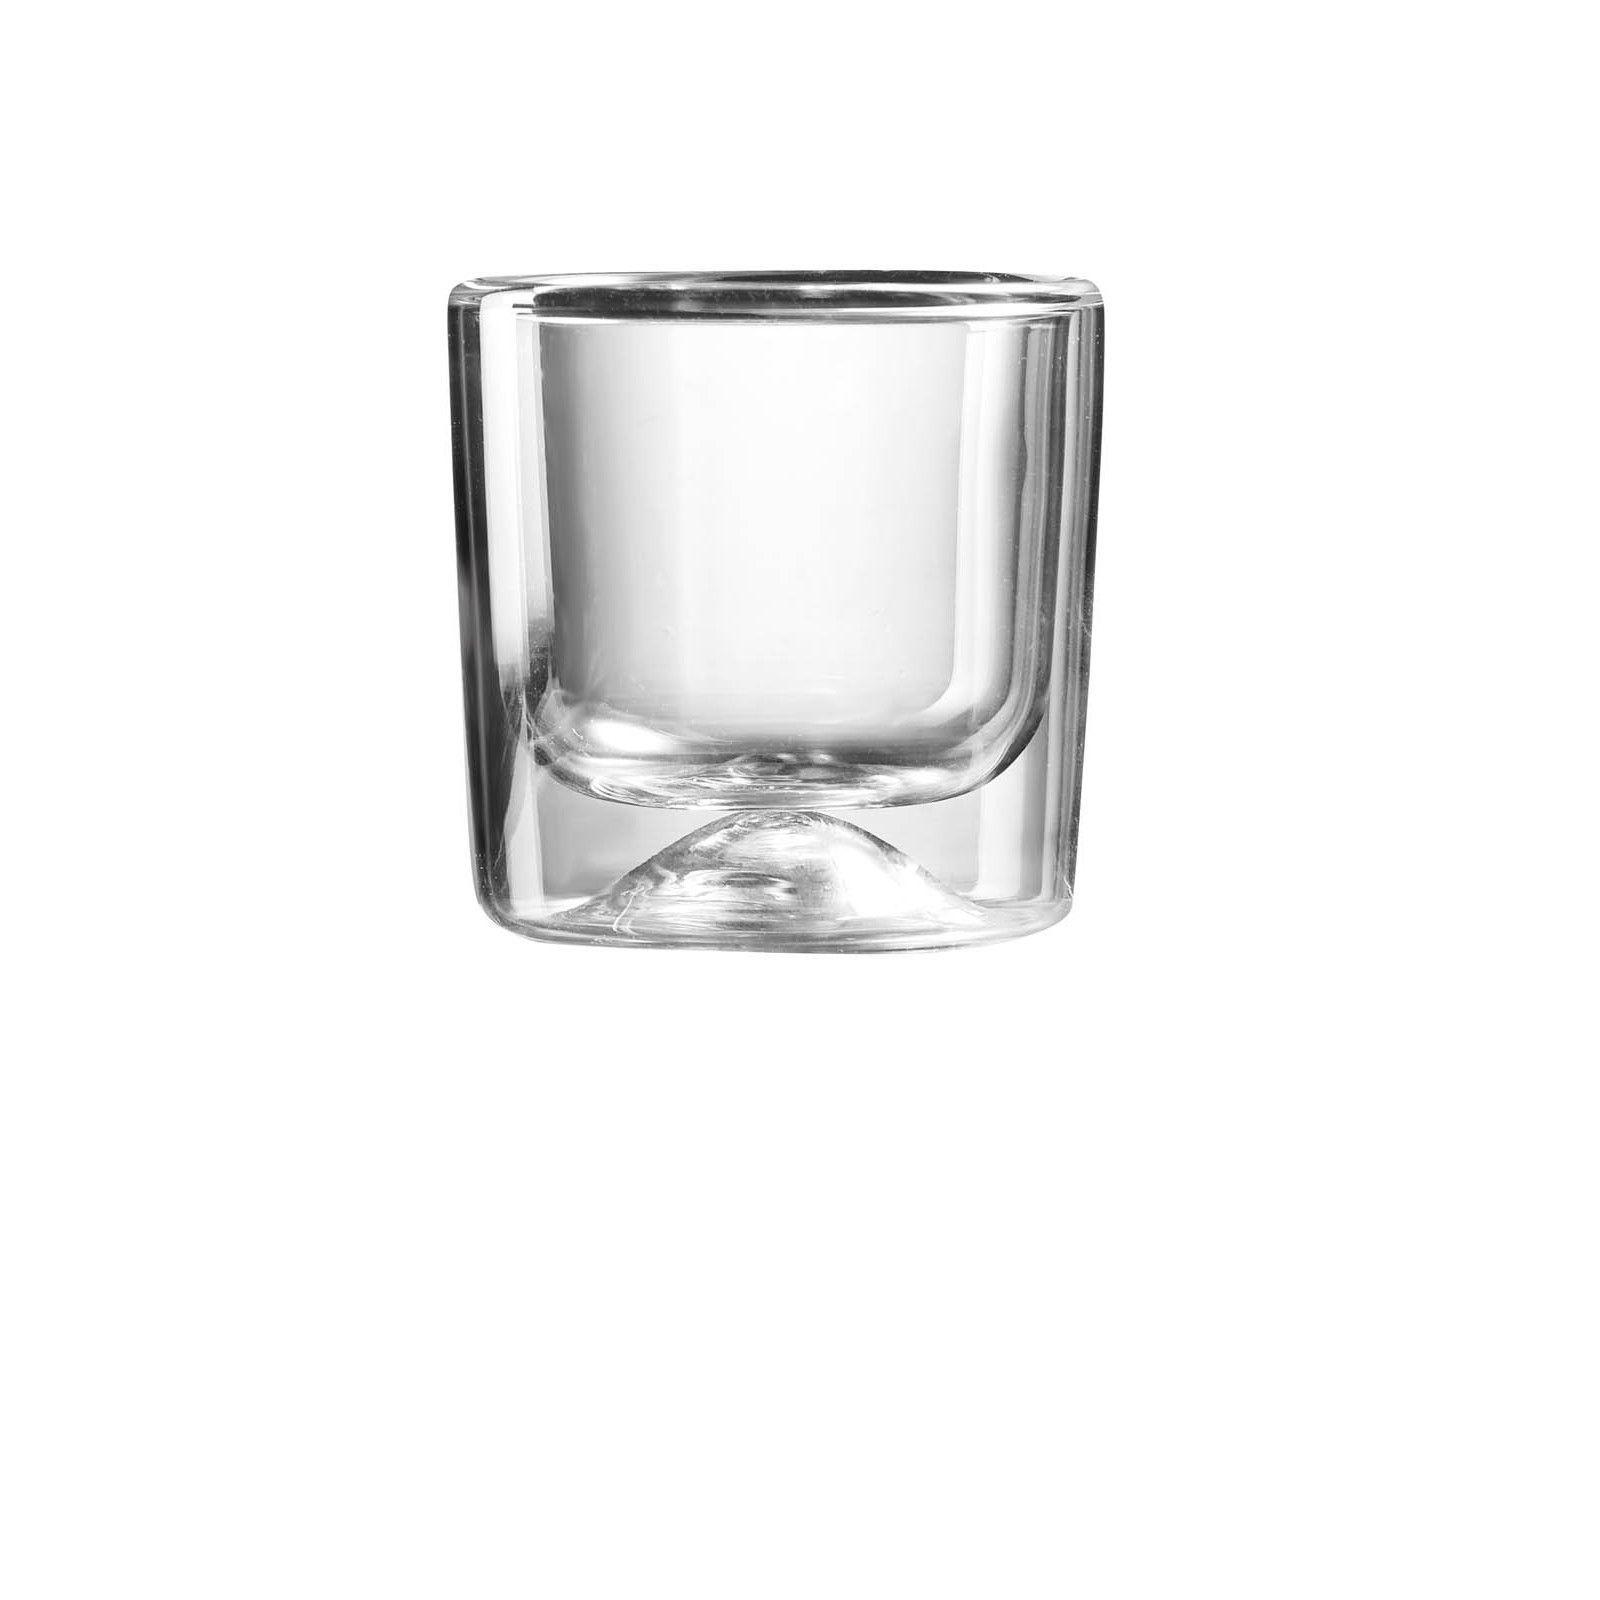 Guzzini 2 small double wall thermo-glasses